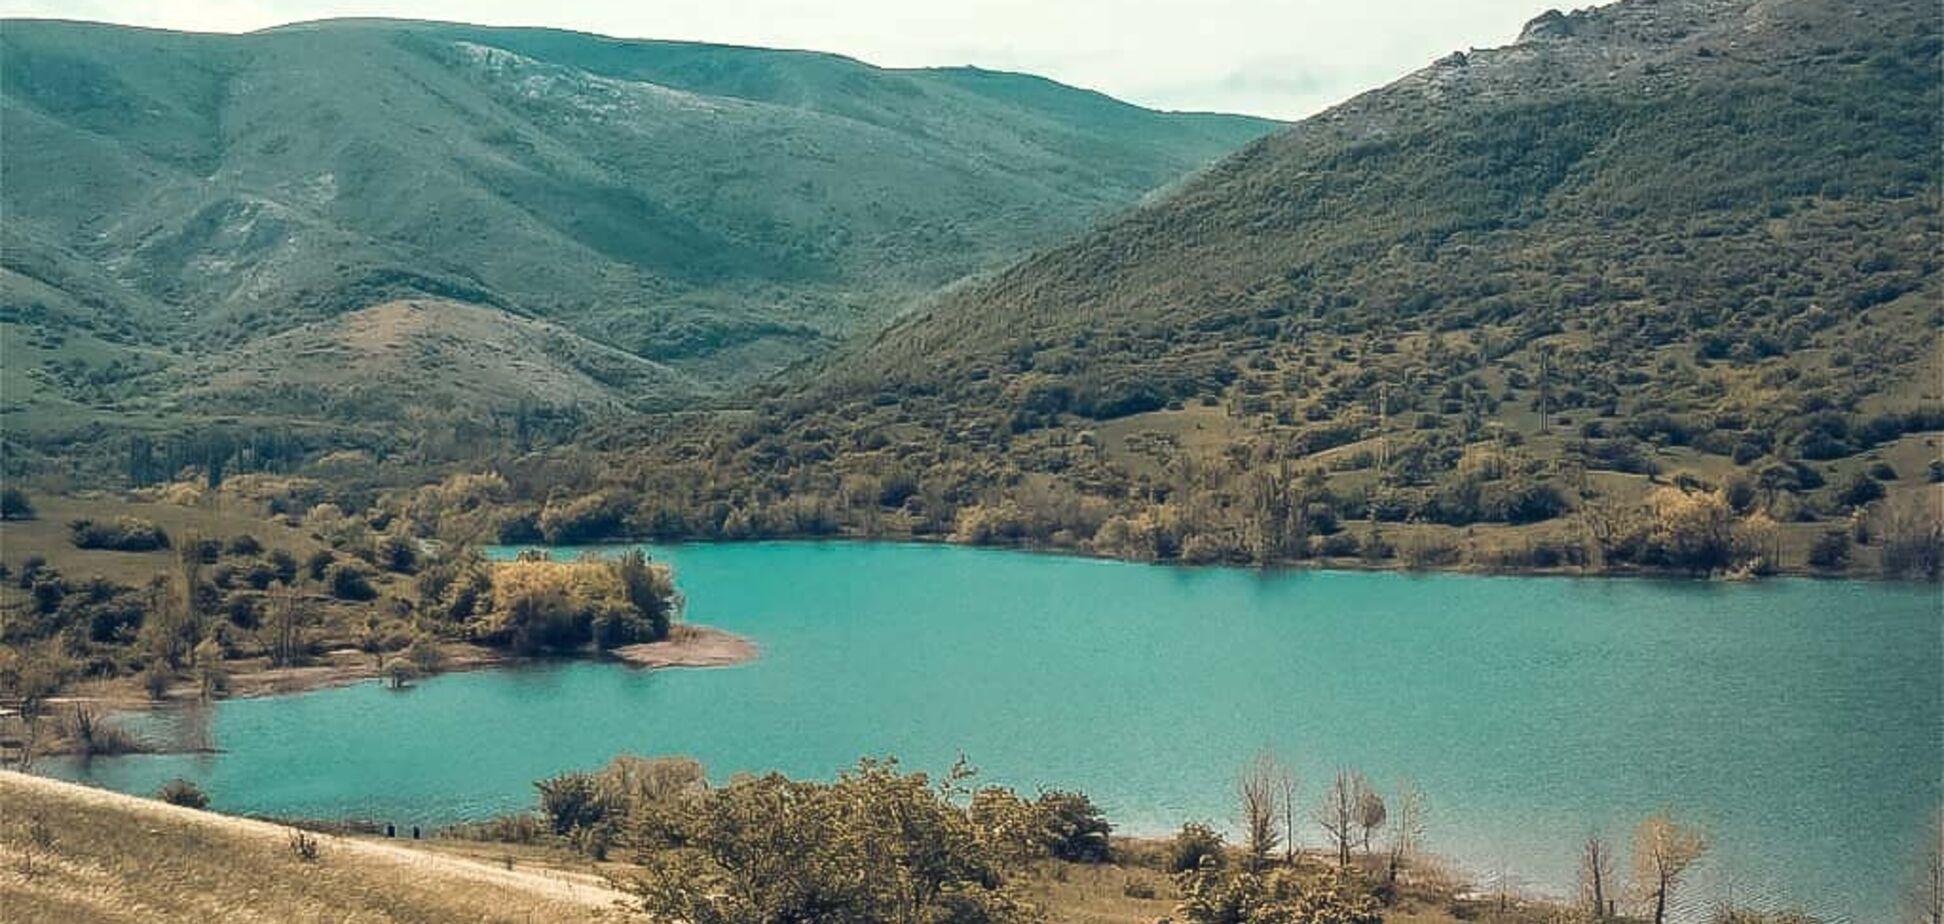 У Криму пересохло важливе водосховище, яке забезпечувало жителів Сімферополя. Відео